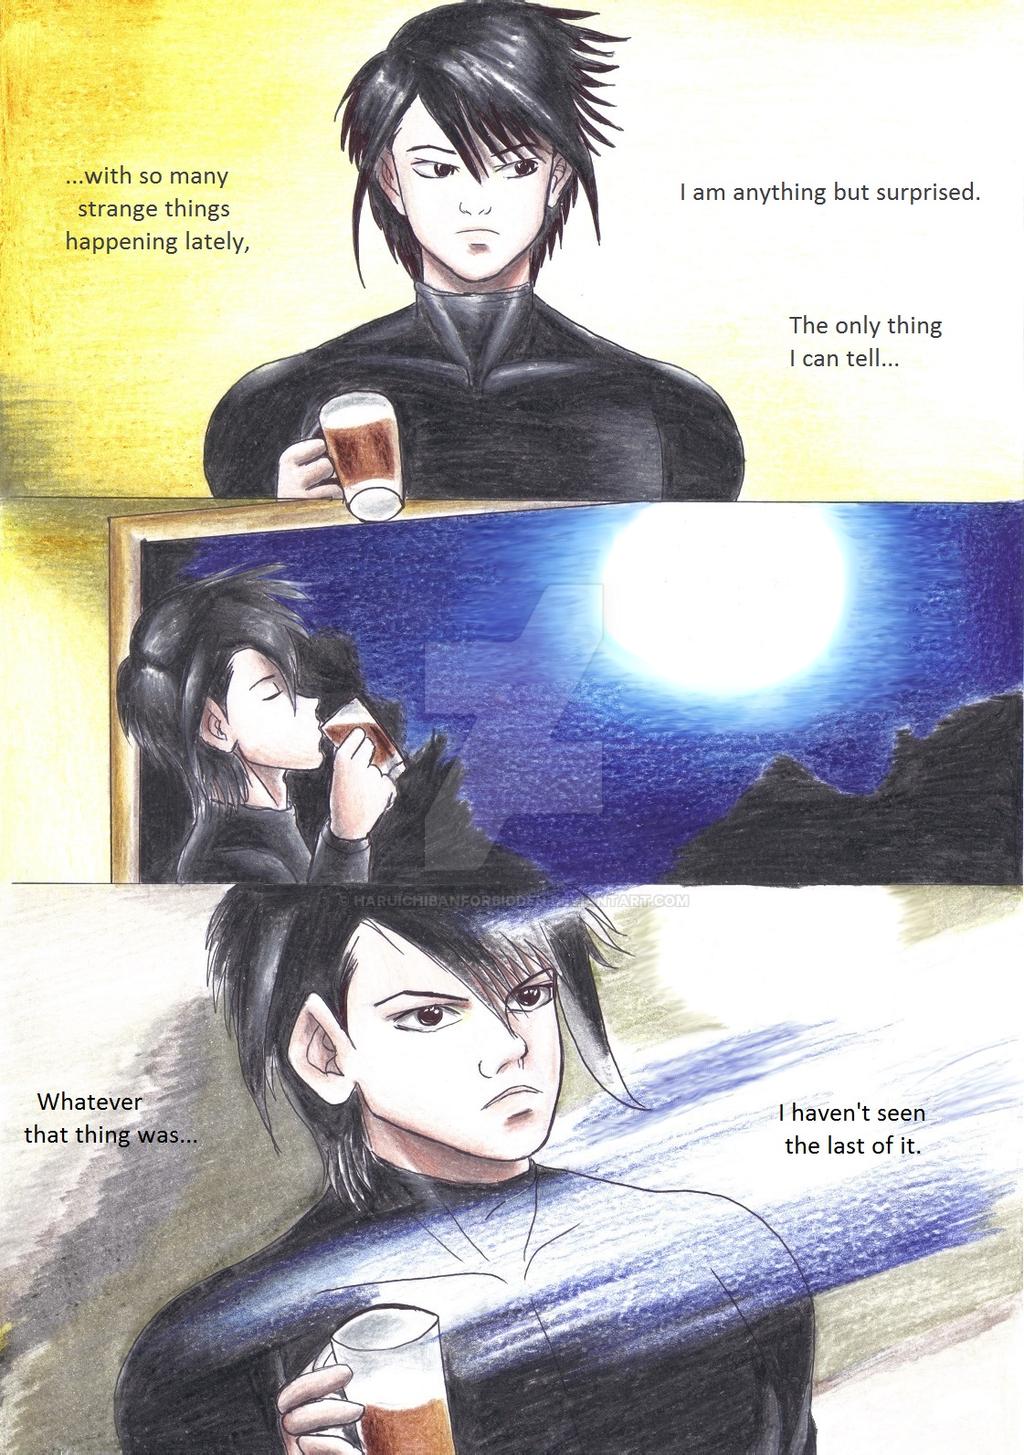 Forbidden - Day 0 Page 13 by HaruIchibanForbidden